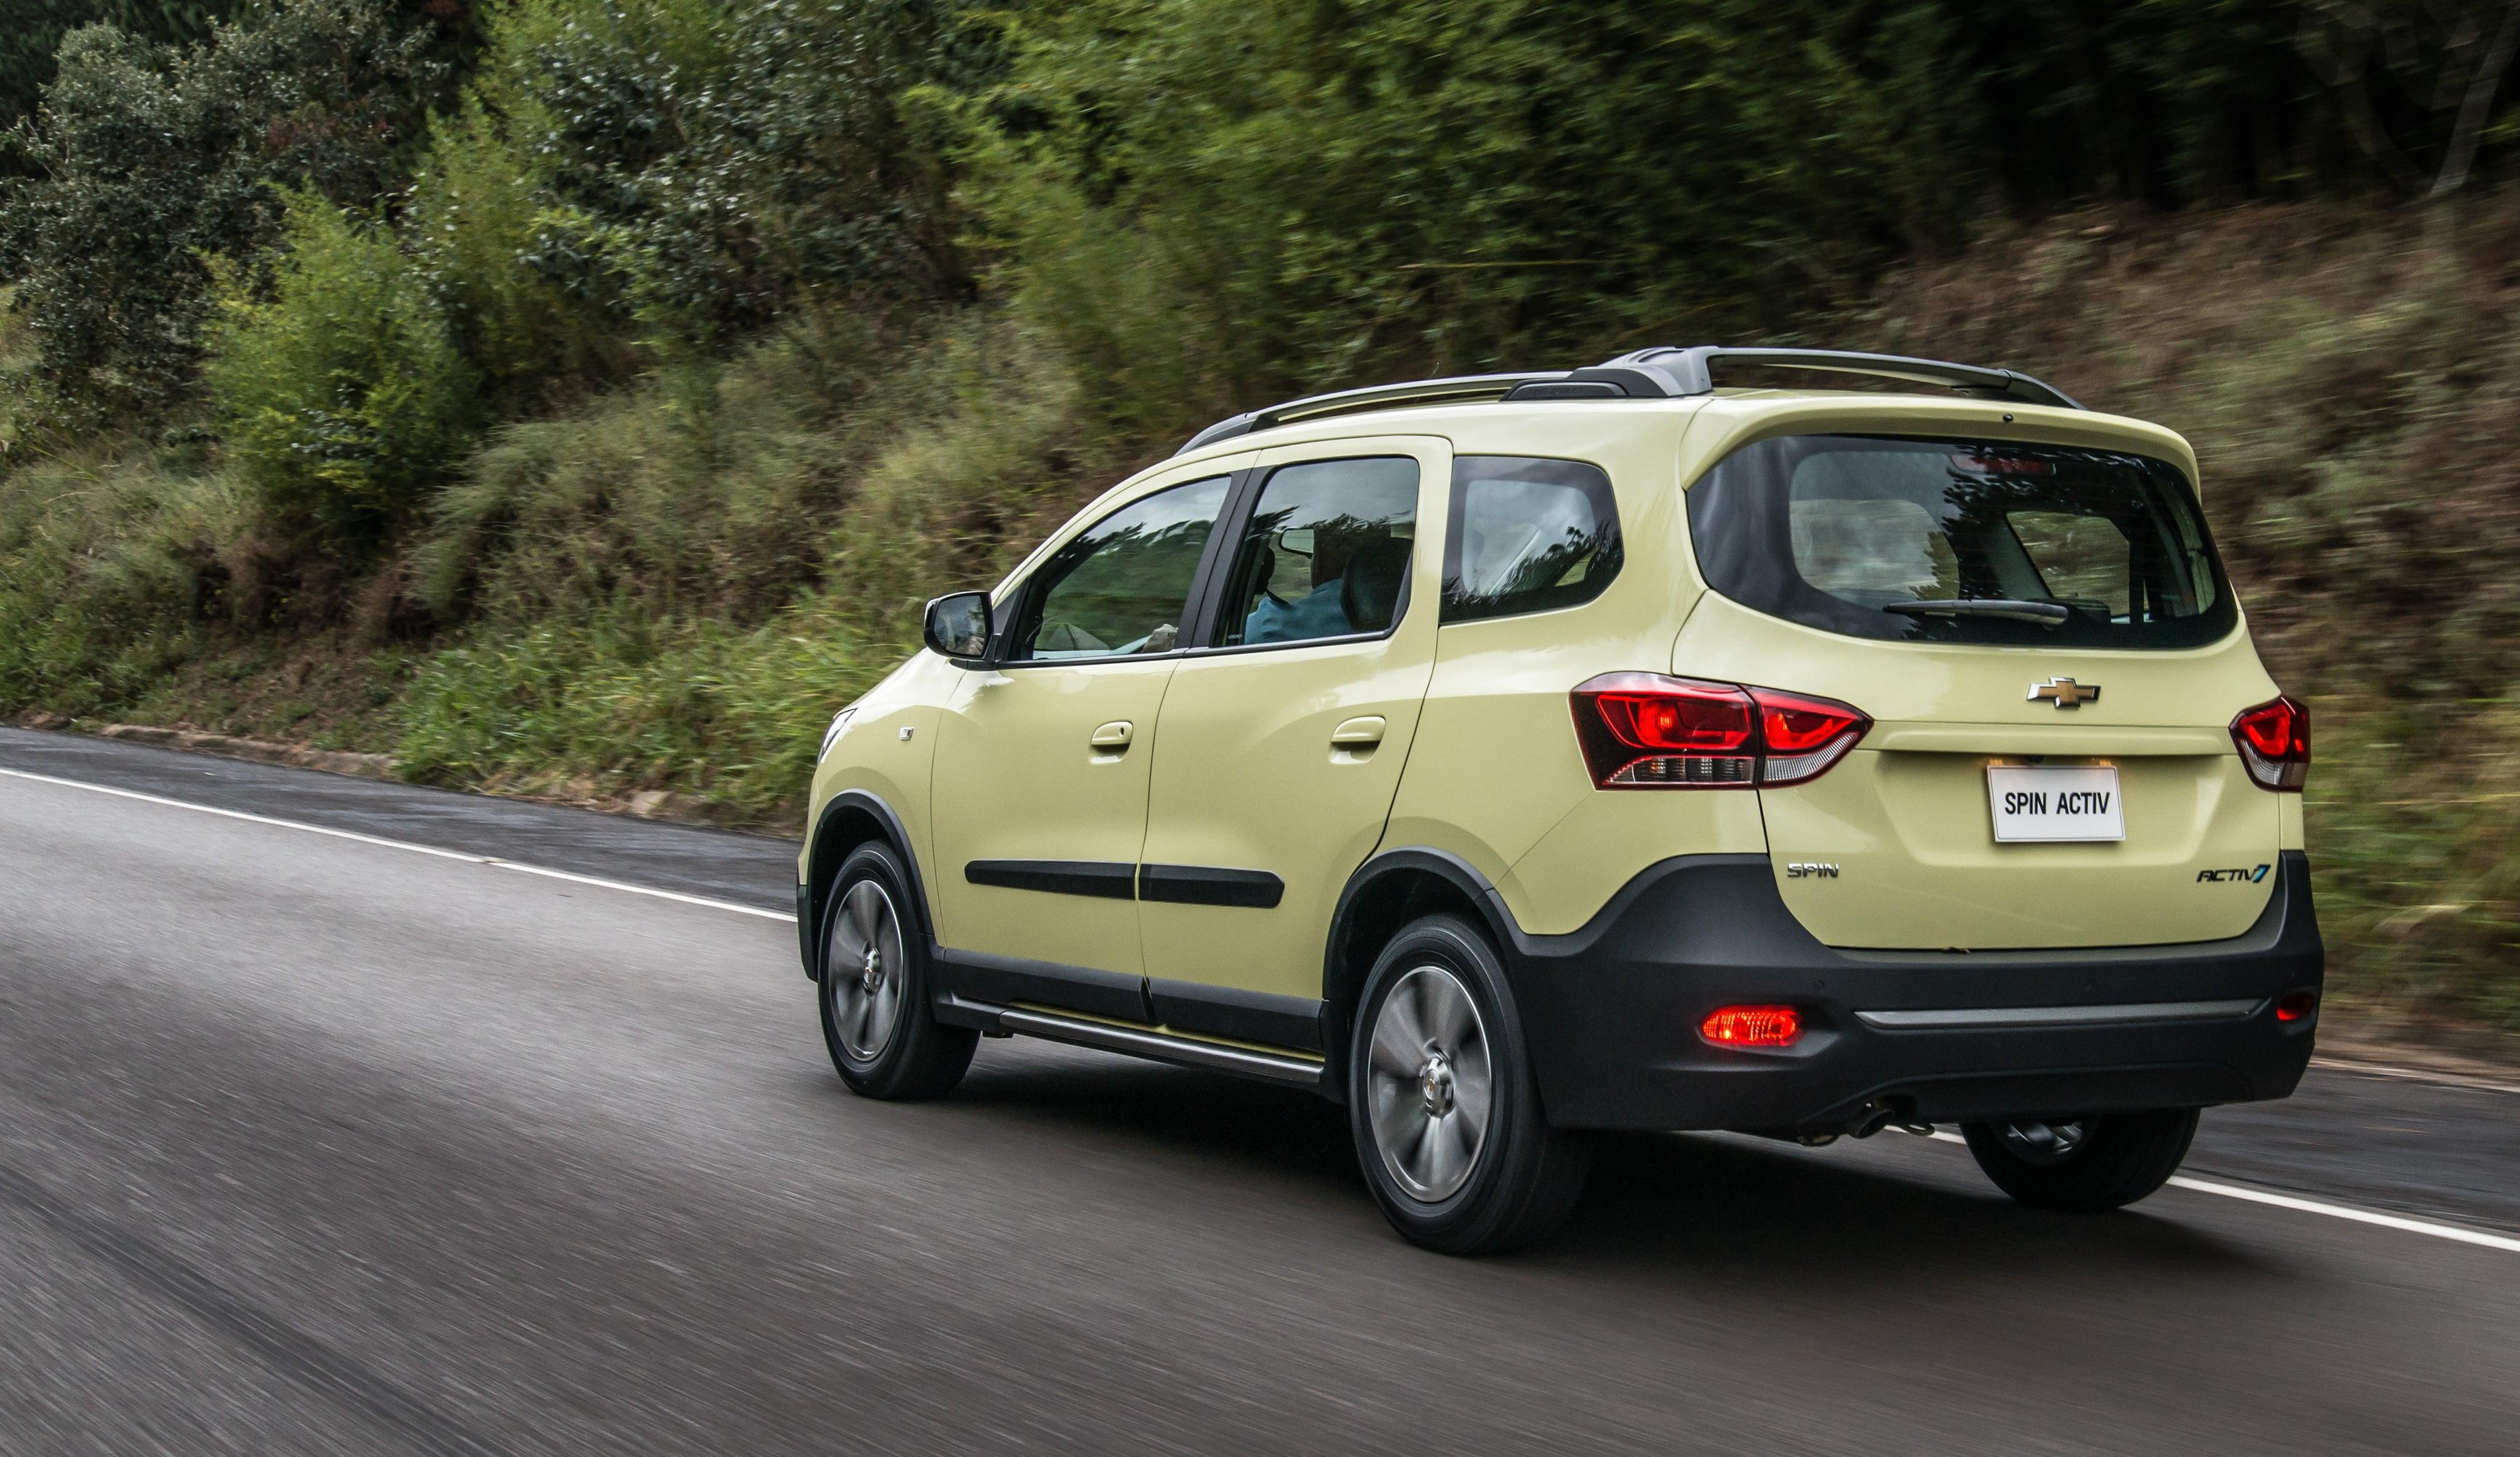 Chevrolet Spin Activ 26 Min